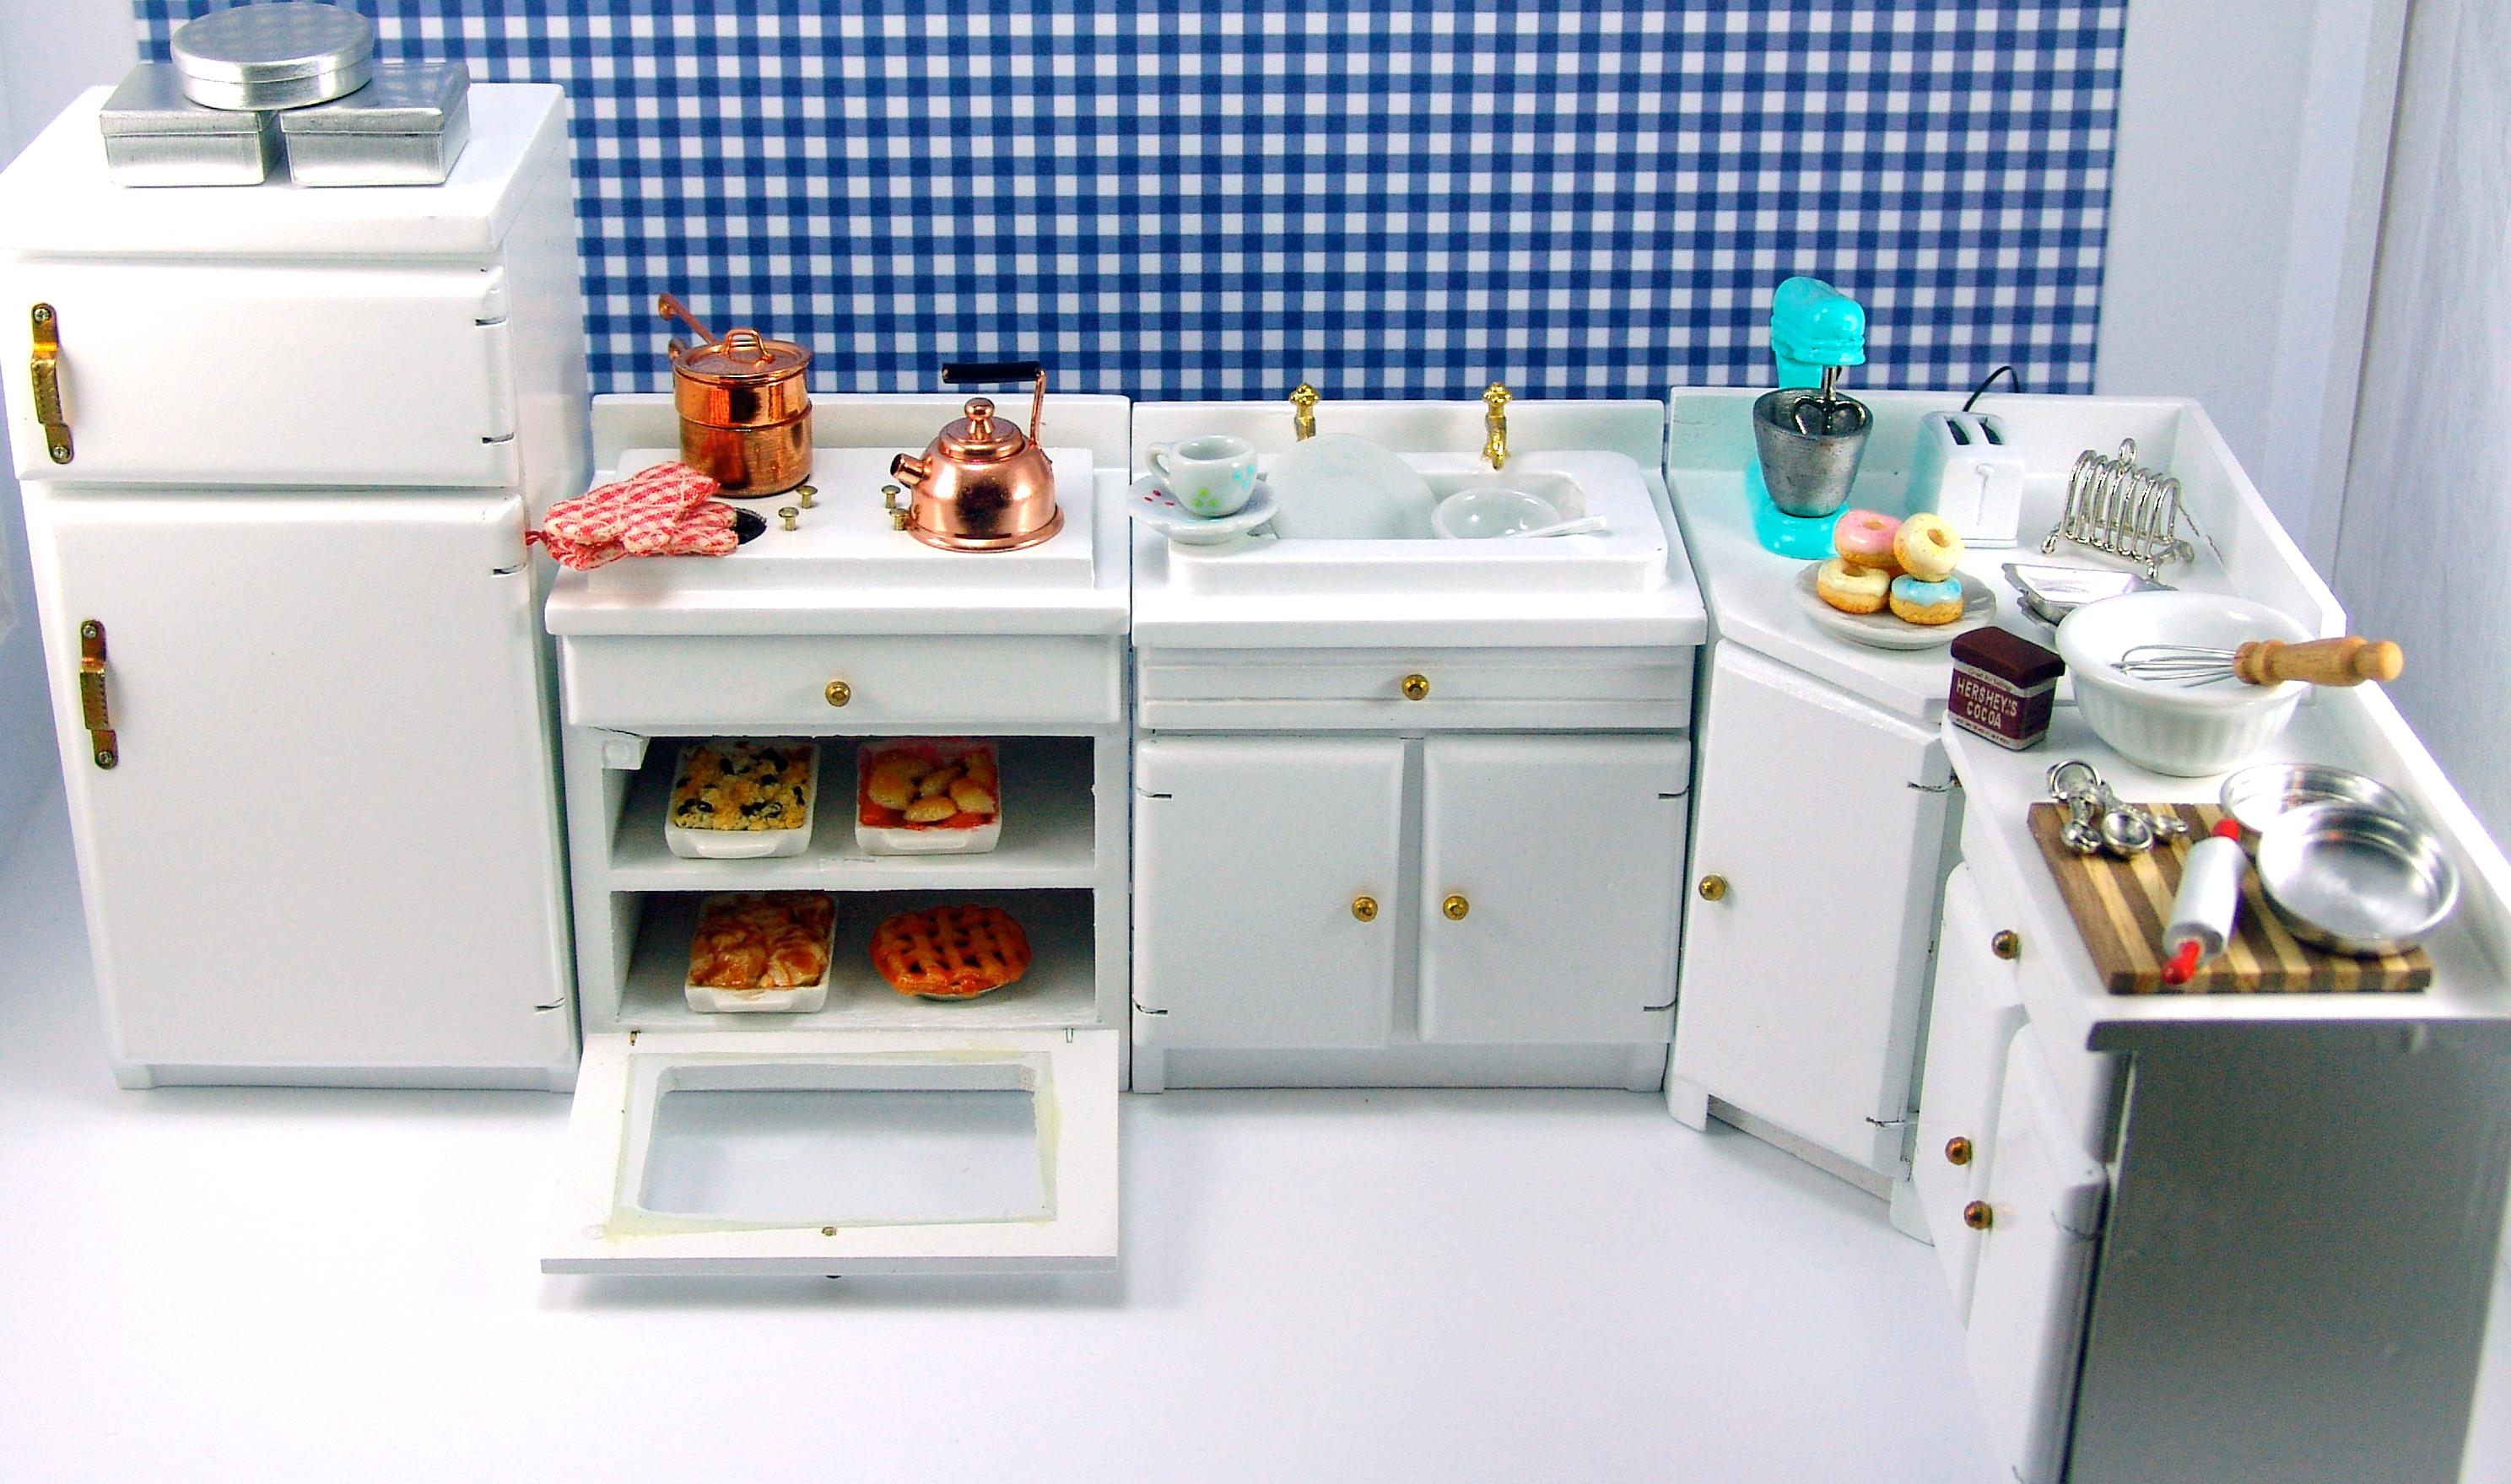 Dollhouse Kitchen Sink Tutorial